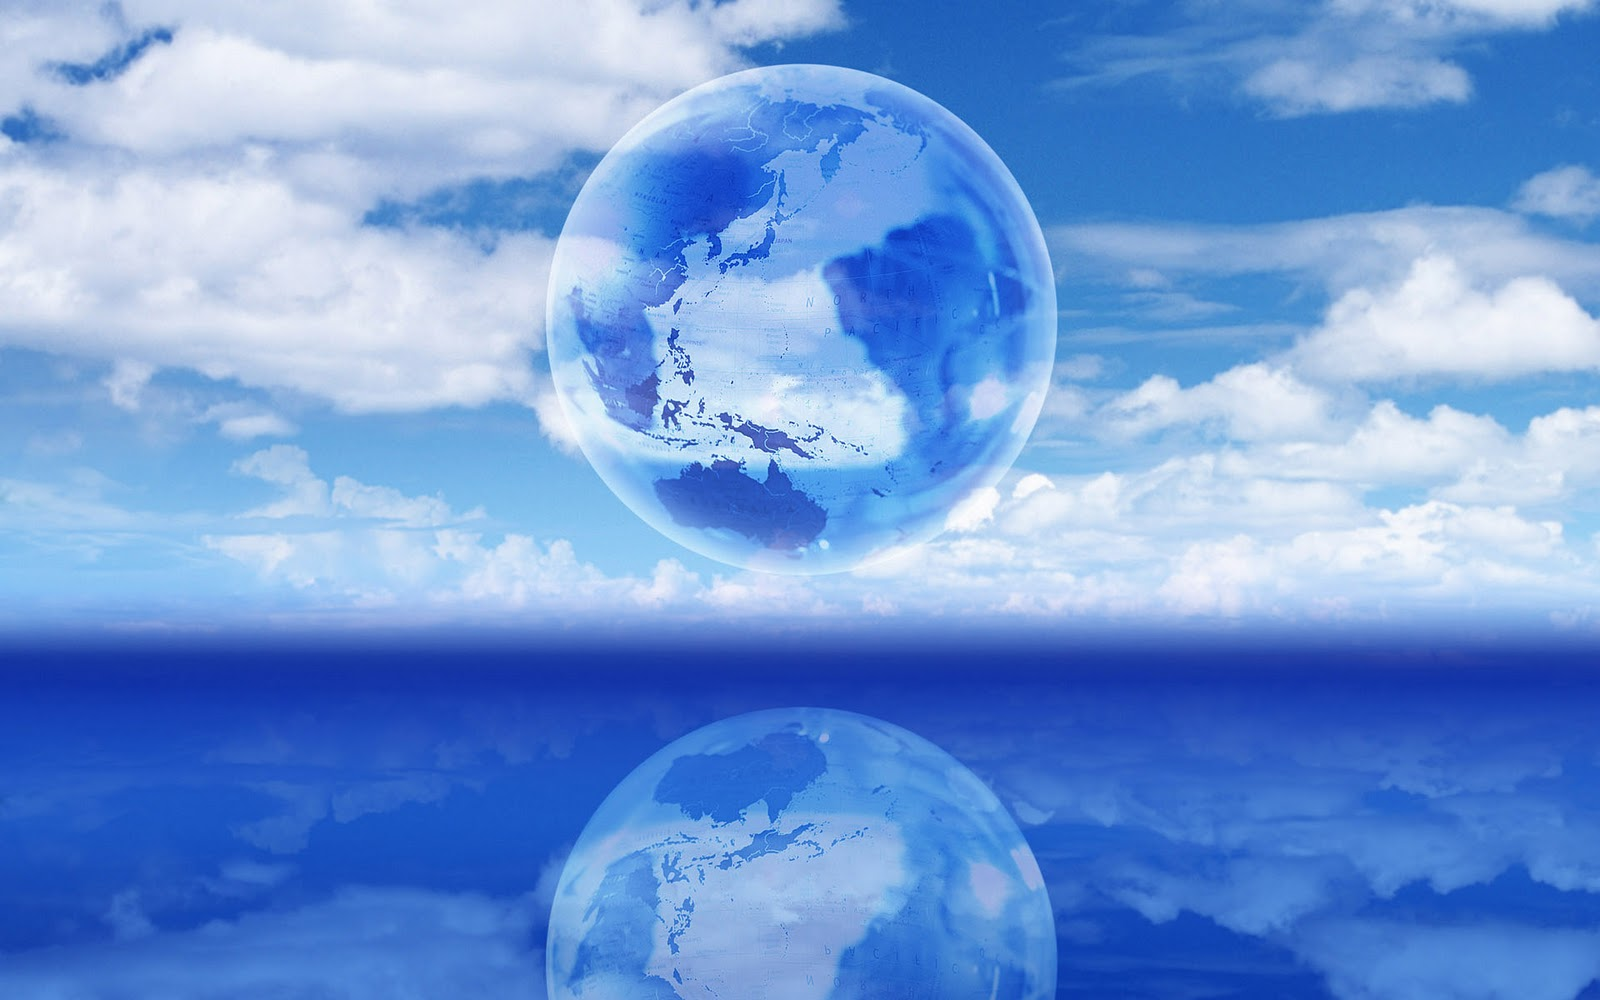 Blauwe desktop wallpaper met wereldbol in de wolken 1600x1000